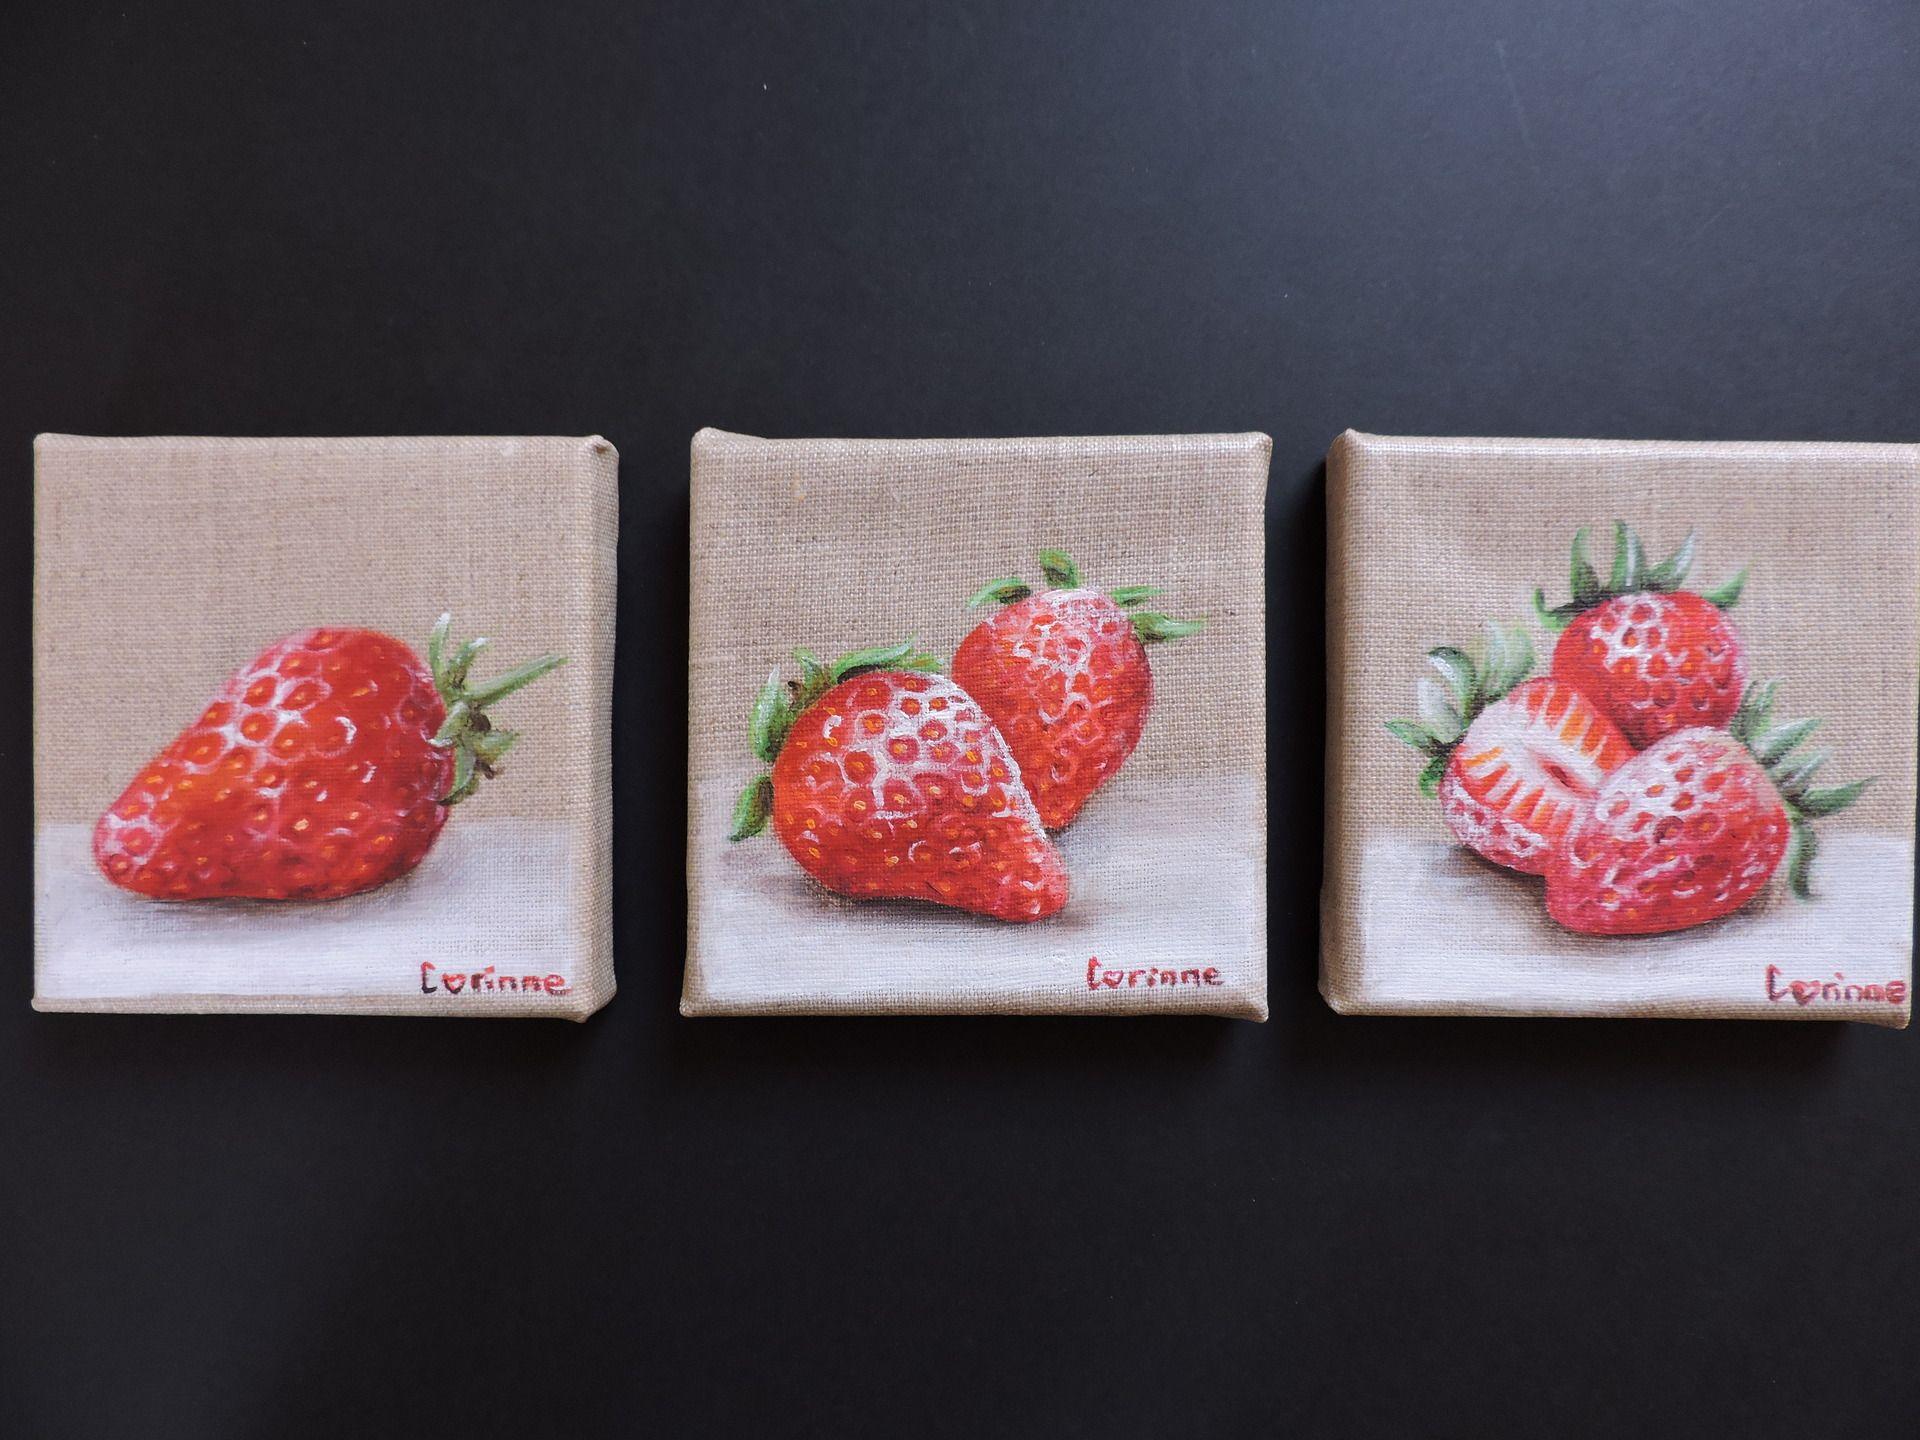 Lot de 3 minis toiles 39 39 fraises 39 39 peinture acrylique for Peinture acrylique cuisine